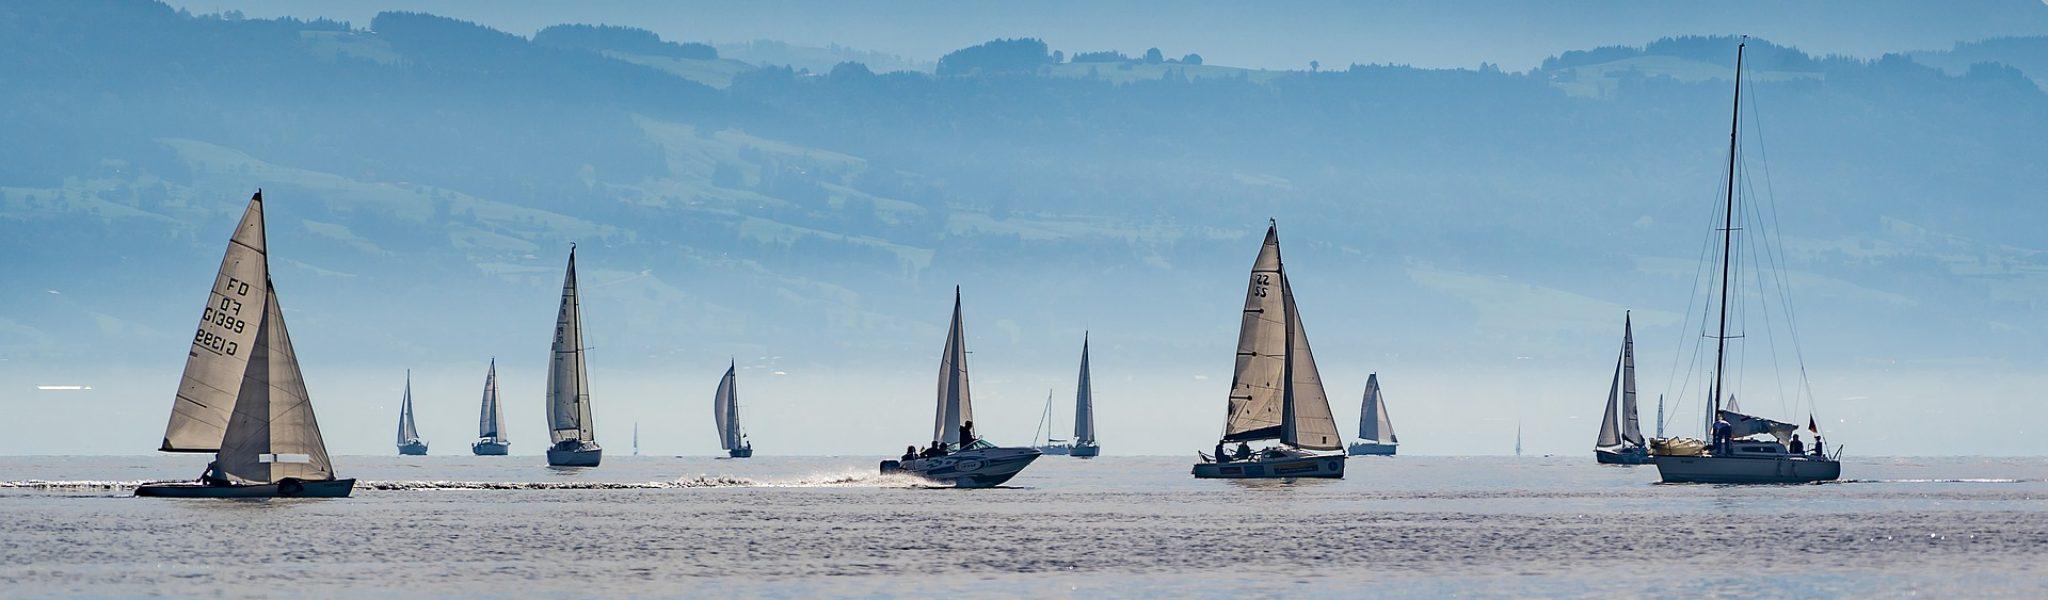 Segelboote in harmonie mit der Umwelt